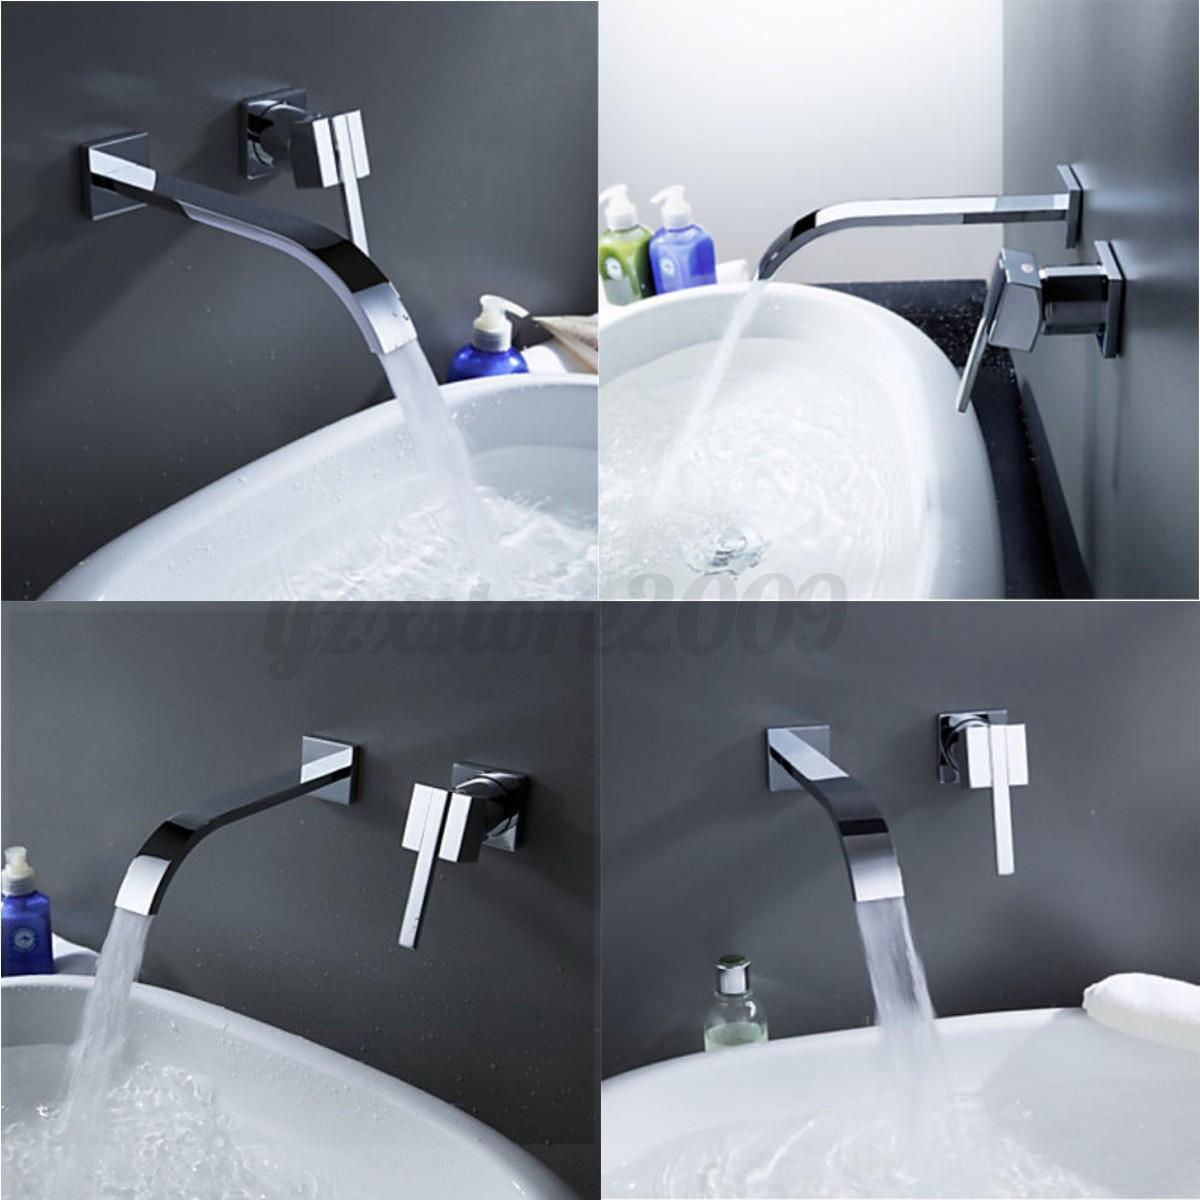 waschtischarmatur einhebelmischer wasserhahn wandarmatur. Black Bedroom Furniture Sets. Home Design Ideas